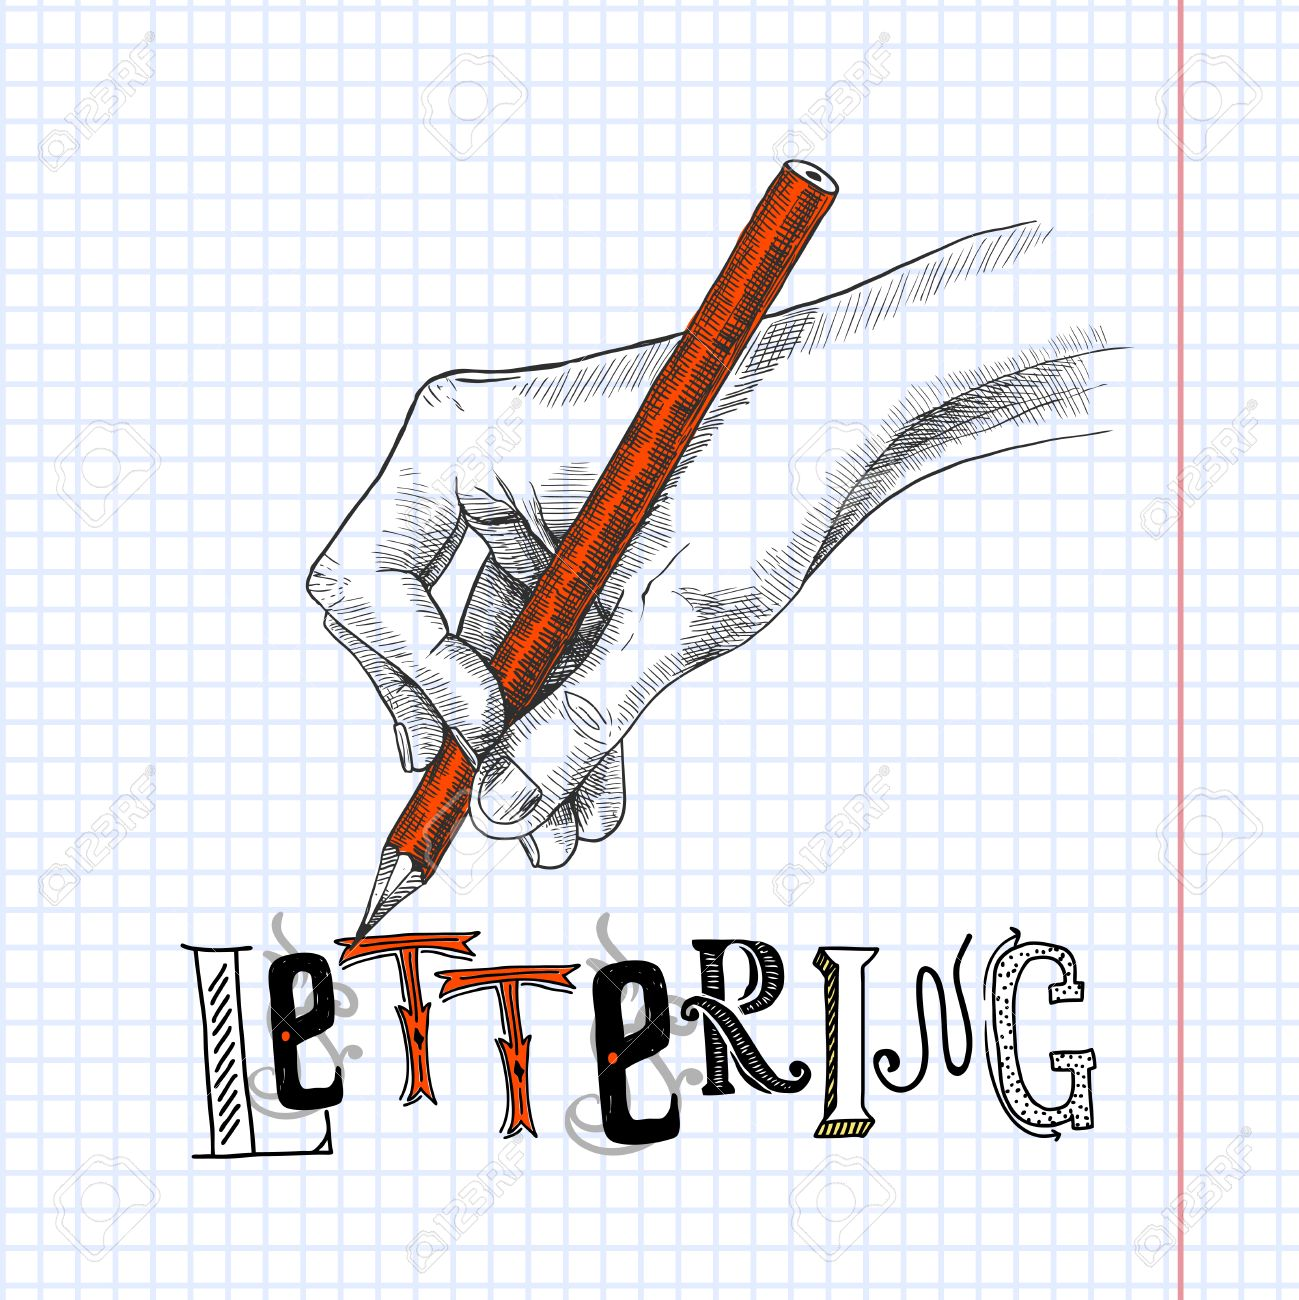 Dibujo A Mano Sobre Papel De Cuaderno Cuadriculado Con Lápiz De Grafito Ilustración Dibujo Vectorial